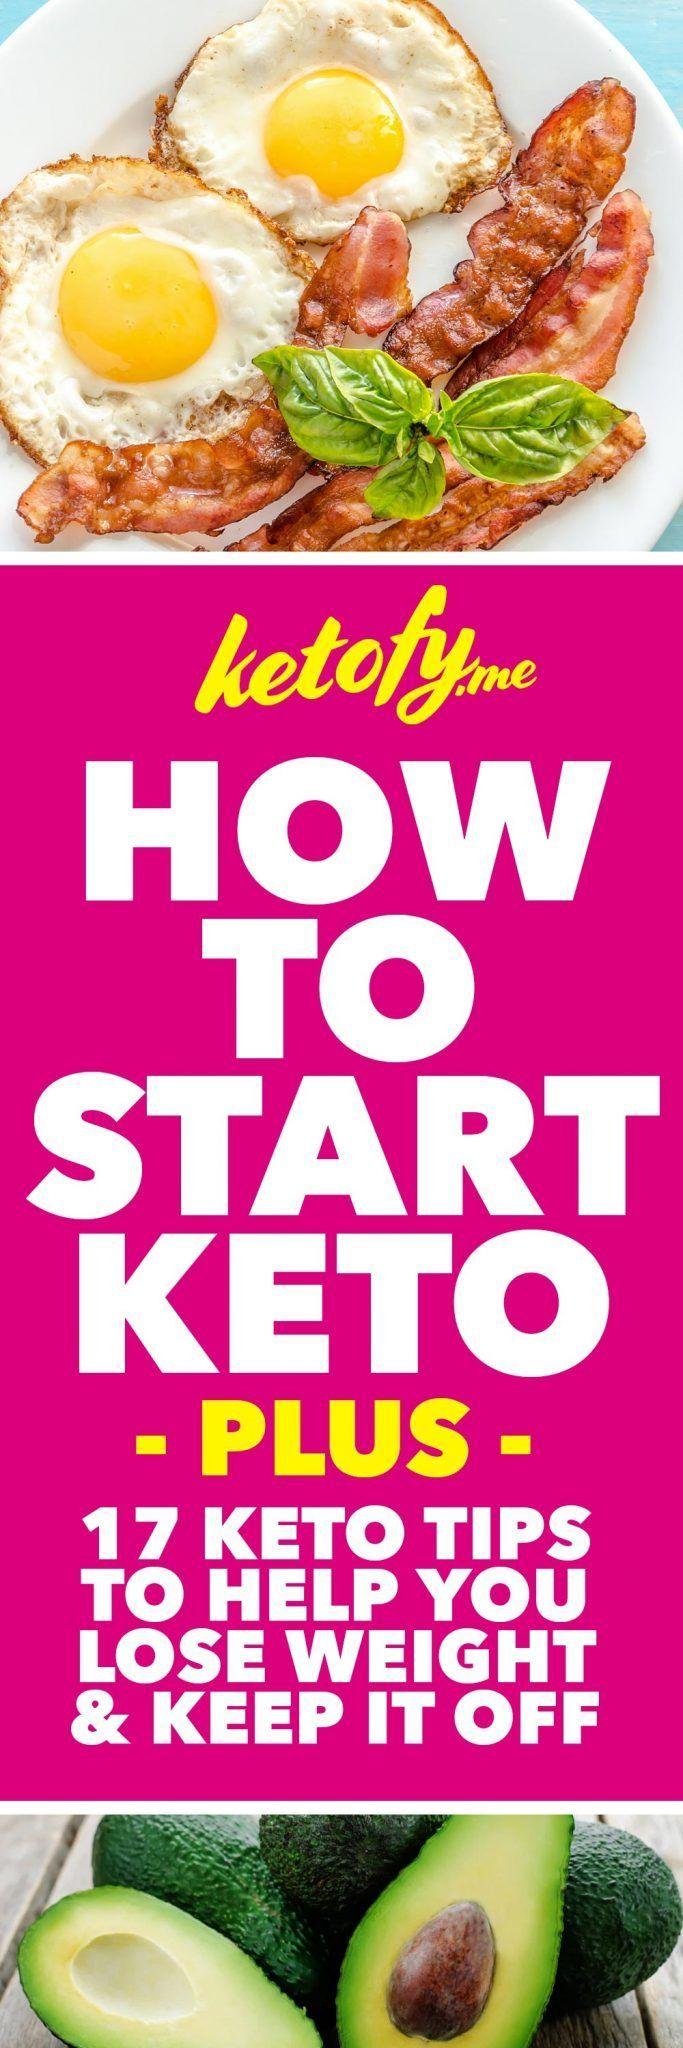 So starten Sie eine Keto-Diät: Keto & Low Carb für Anfänger & Keto-Tipps | Ich habe verloren ... -